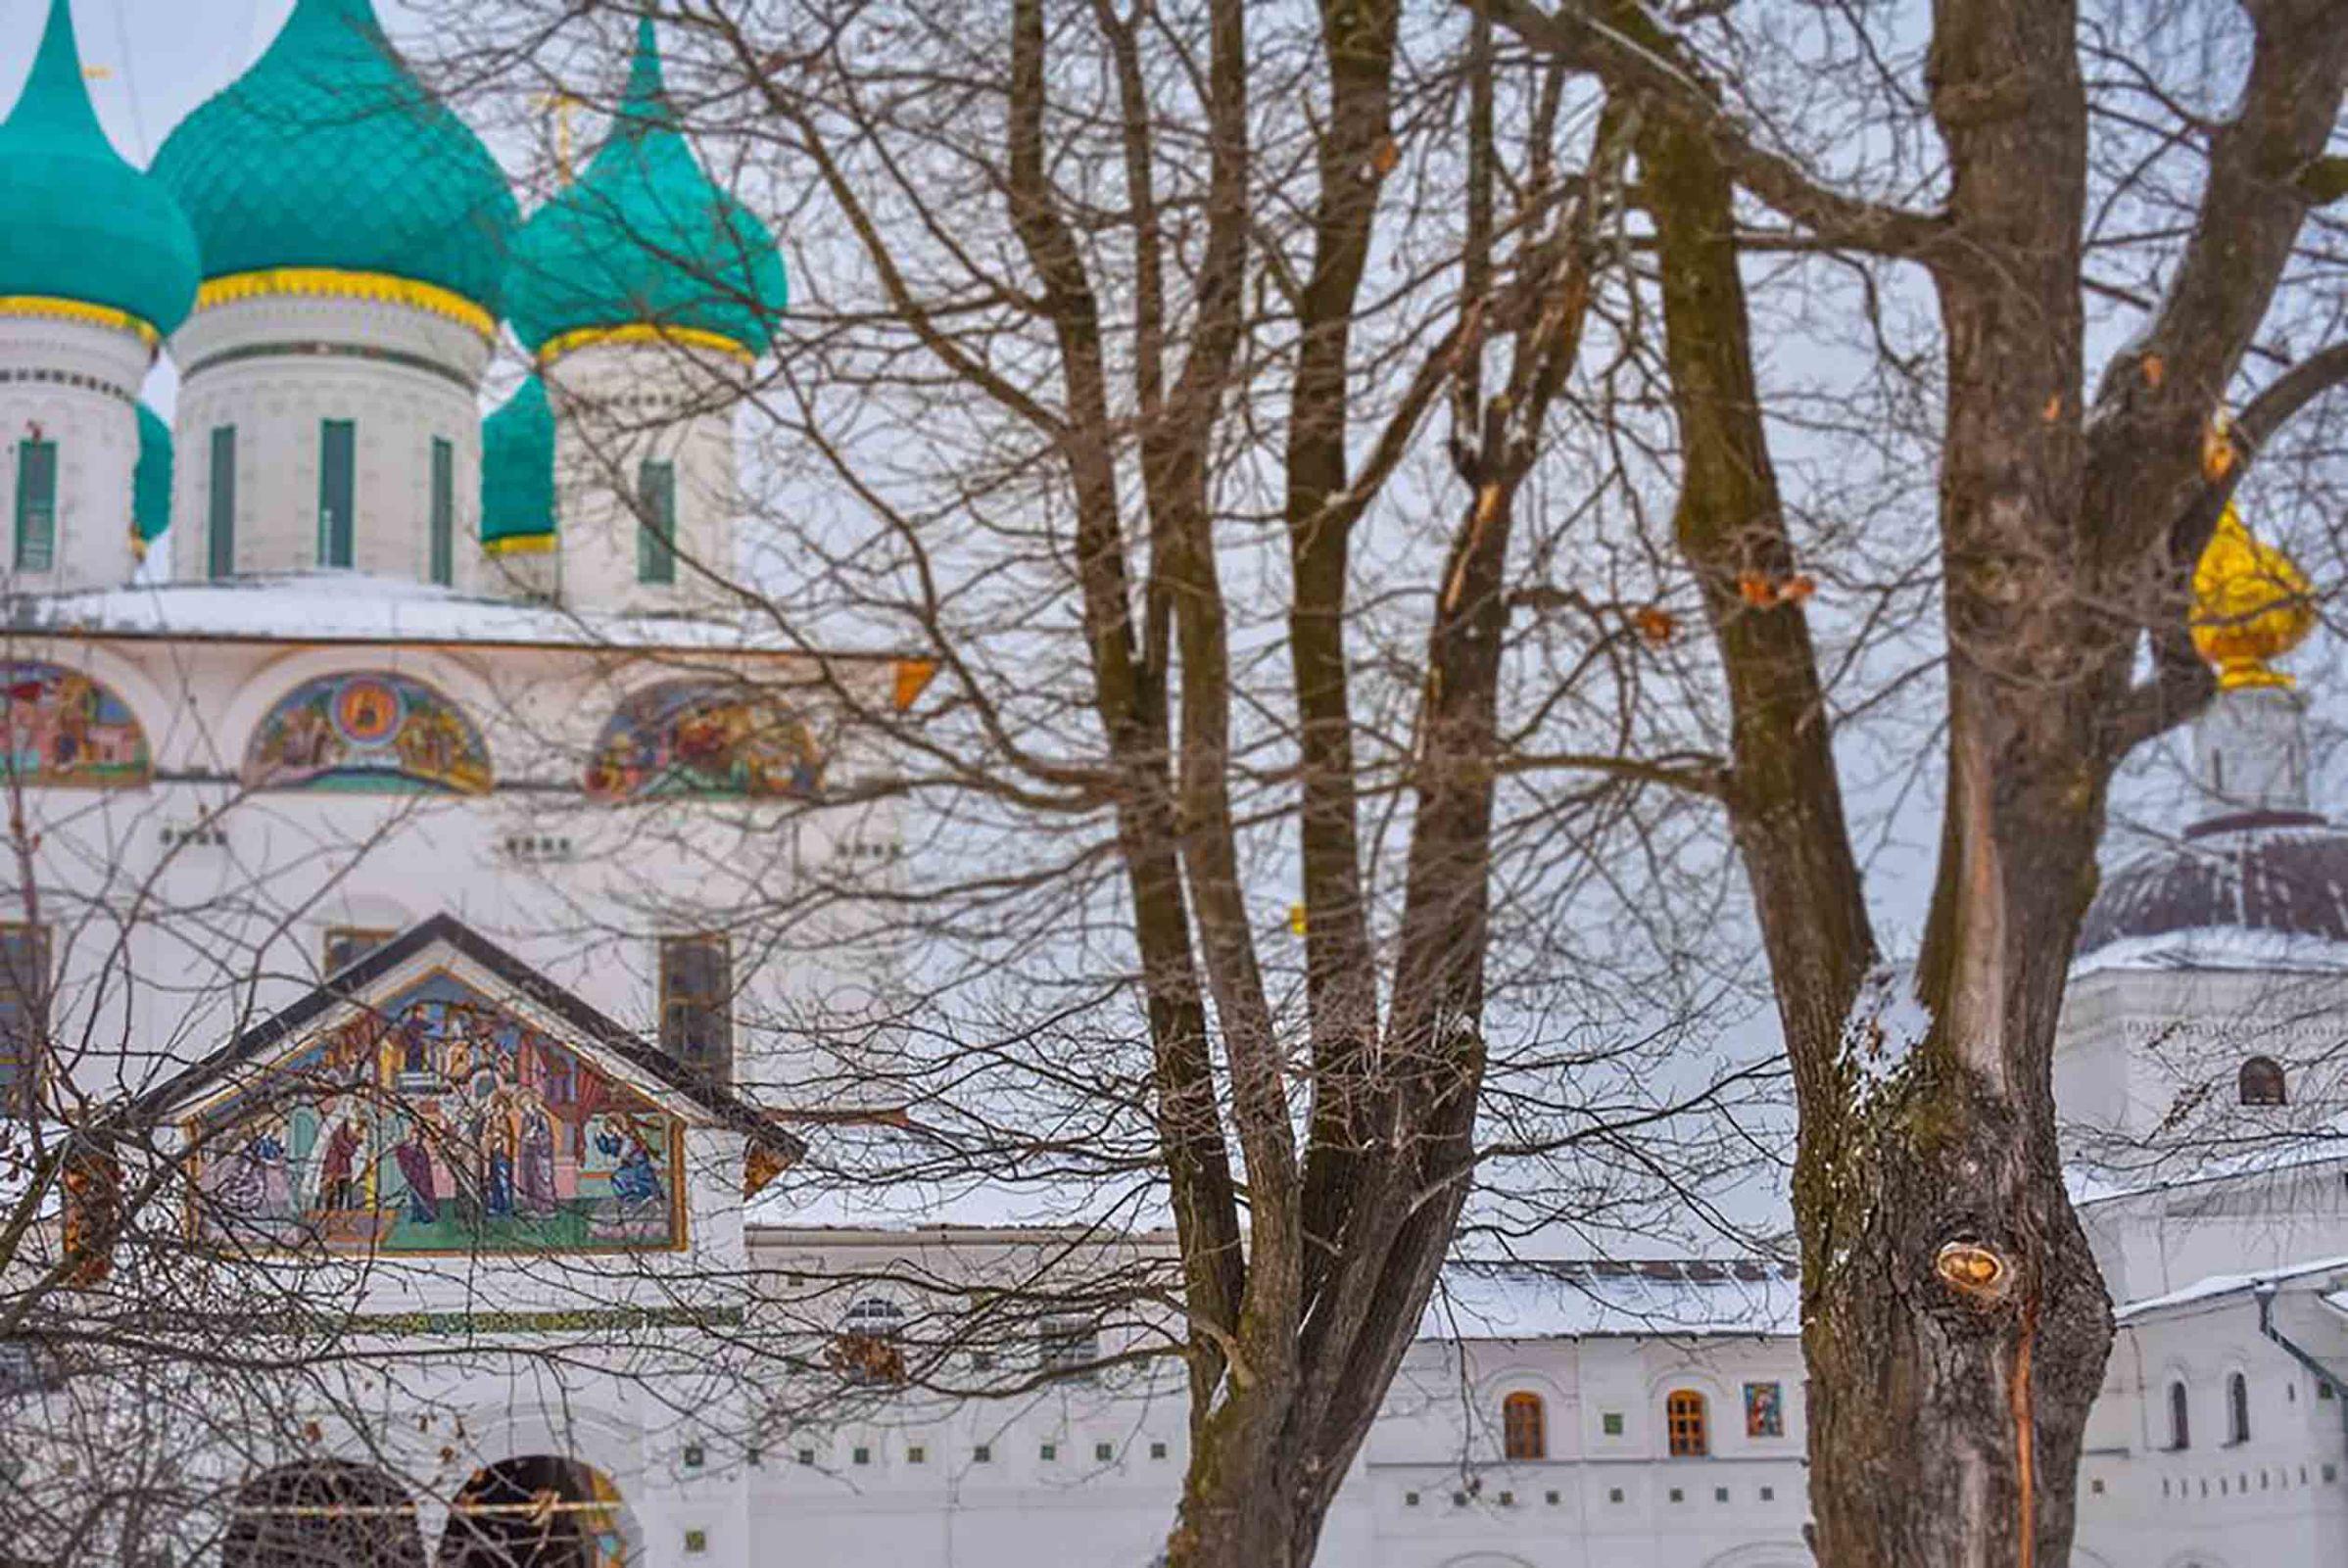 Стало известно расписание рождественских богослужений в храмах и монастырях Ярославля